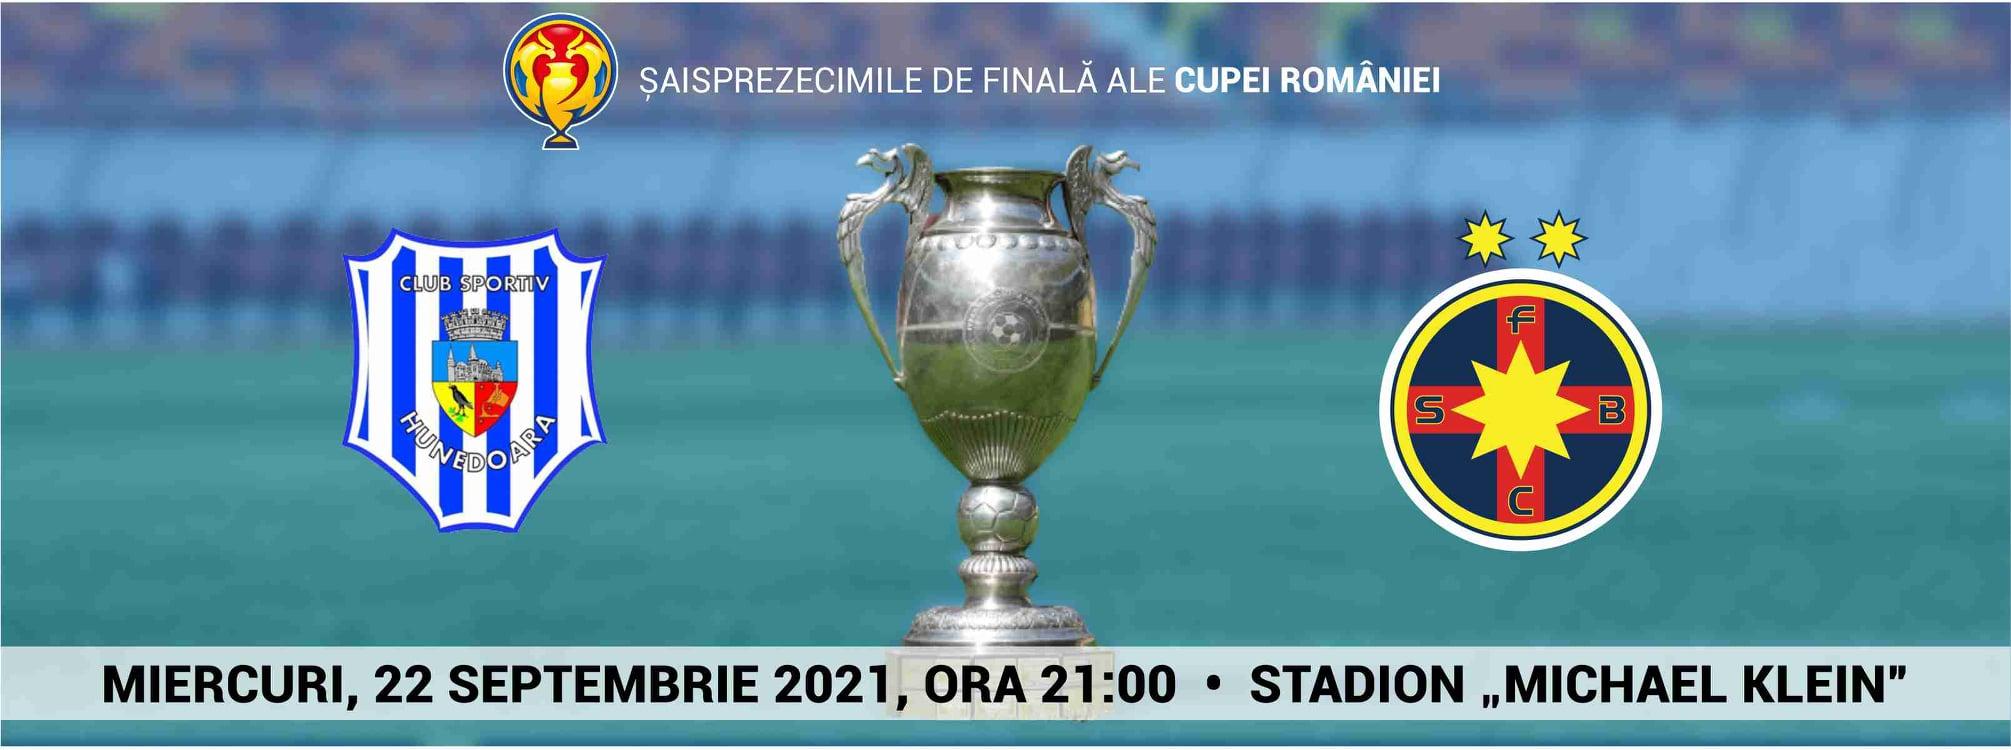 Meciul de fotbal dintre CS Hunedoara și FCSB, cel mai important eveniment fotbalistic al toamnei. Bani de la CJ și Primărie pentru nocturnă